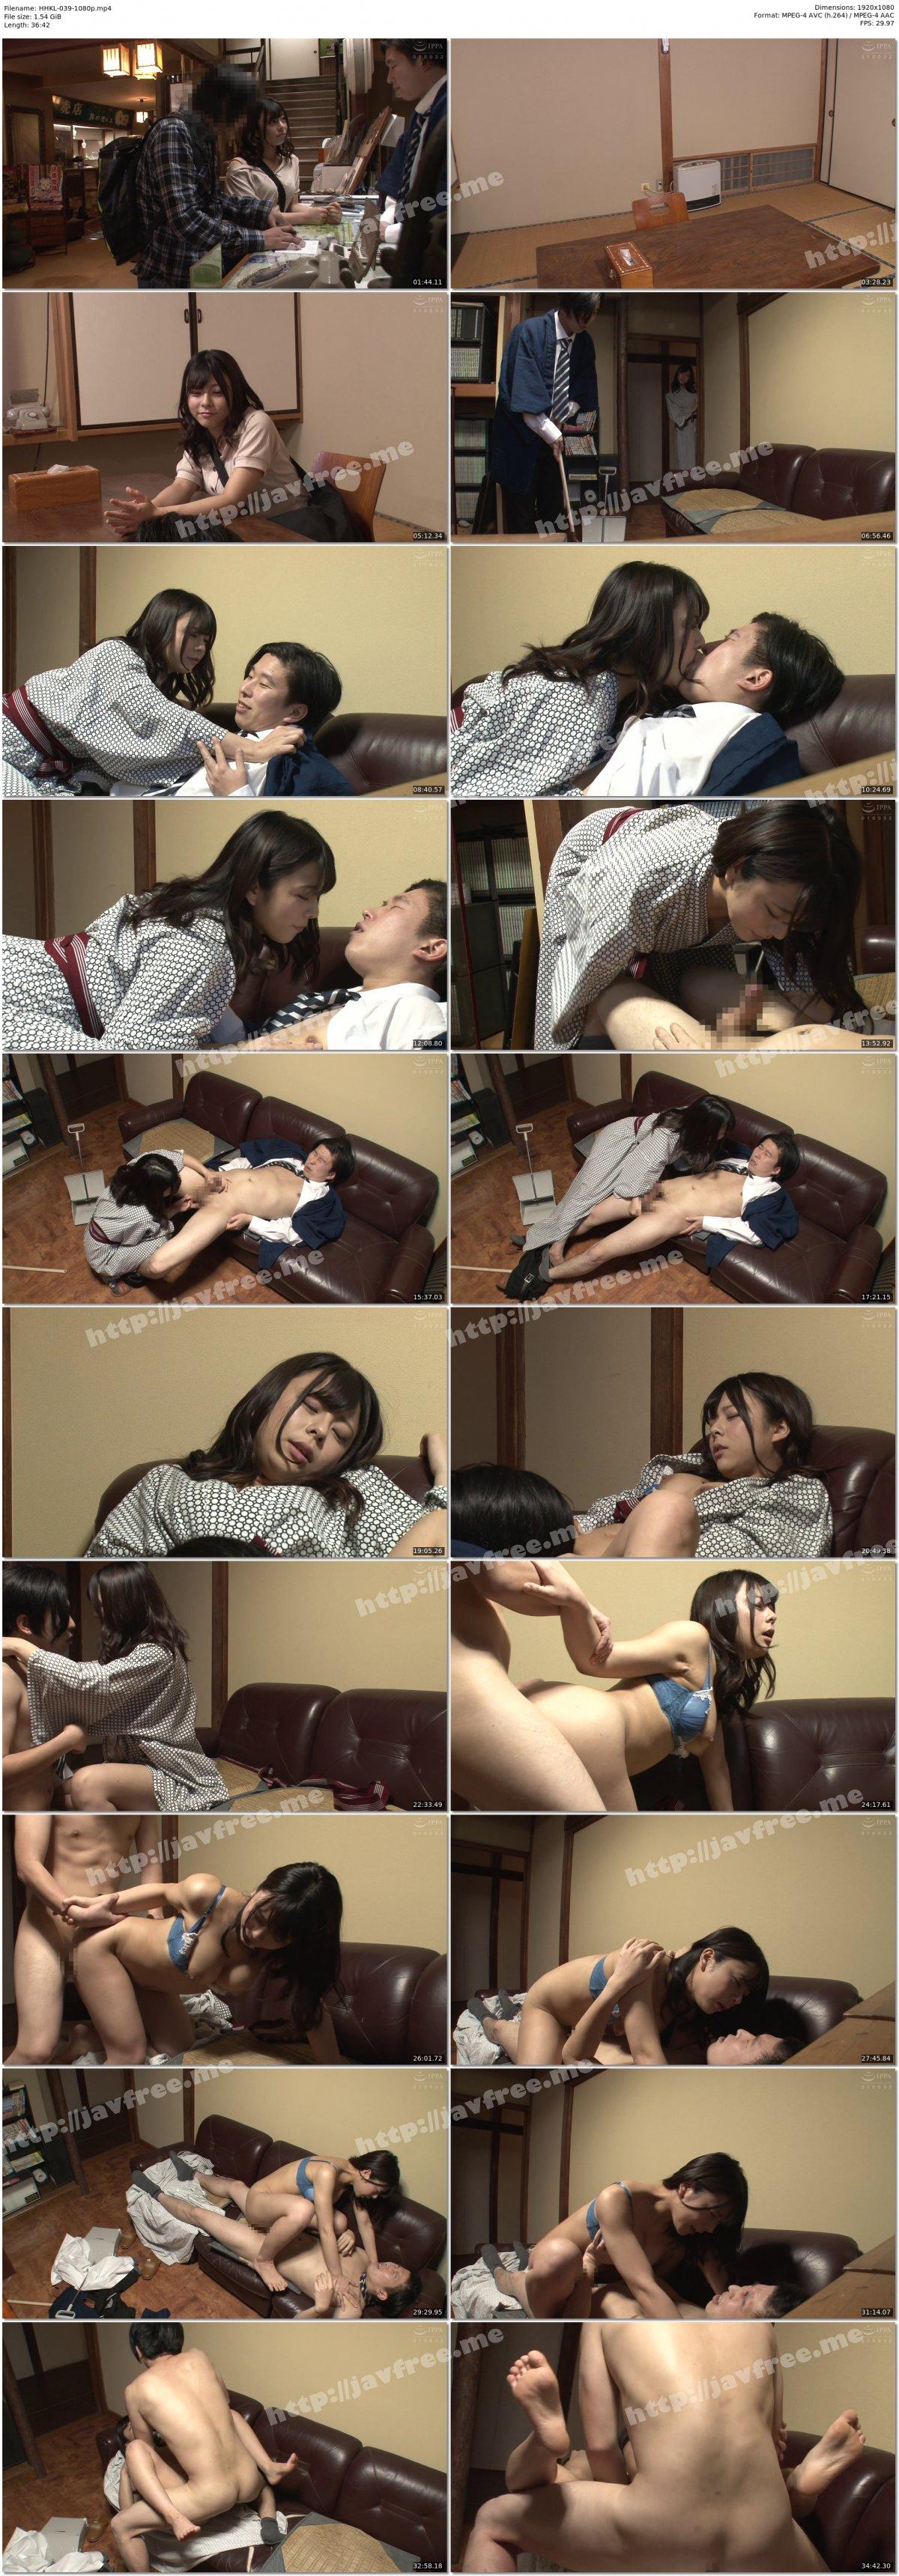 [HD][HHKL-039] 私とエッチしたい?今すぐ決めてくれたら…彼氏が隣にいるにも関わらず何度も目が合う女は、寝取られたがり女子!